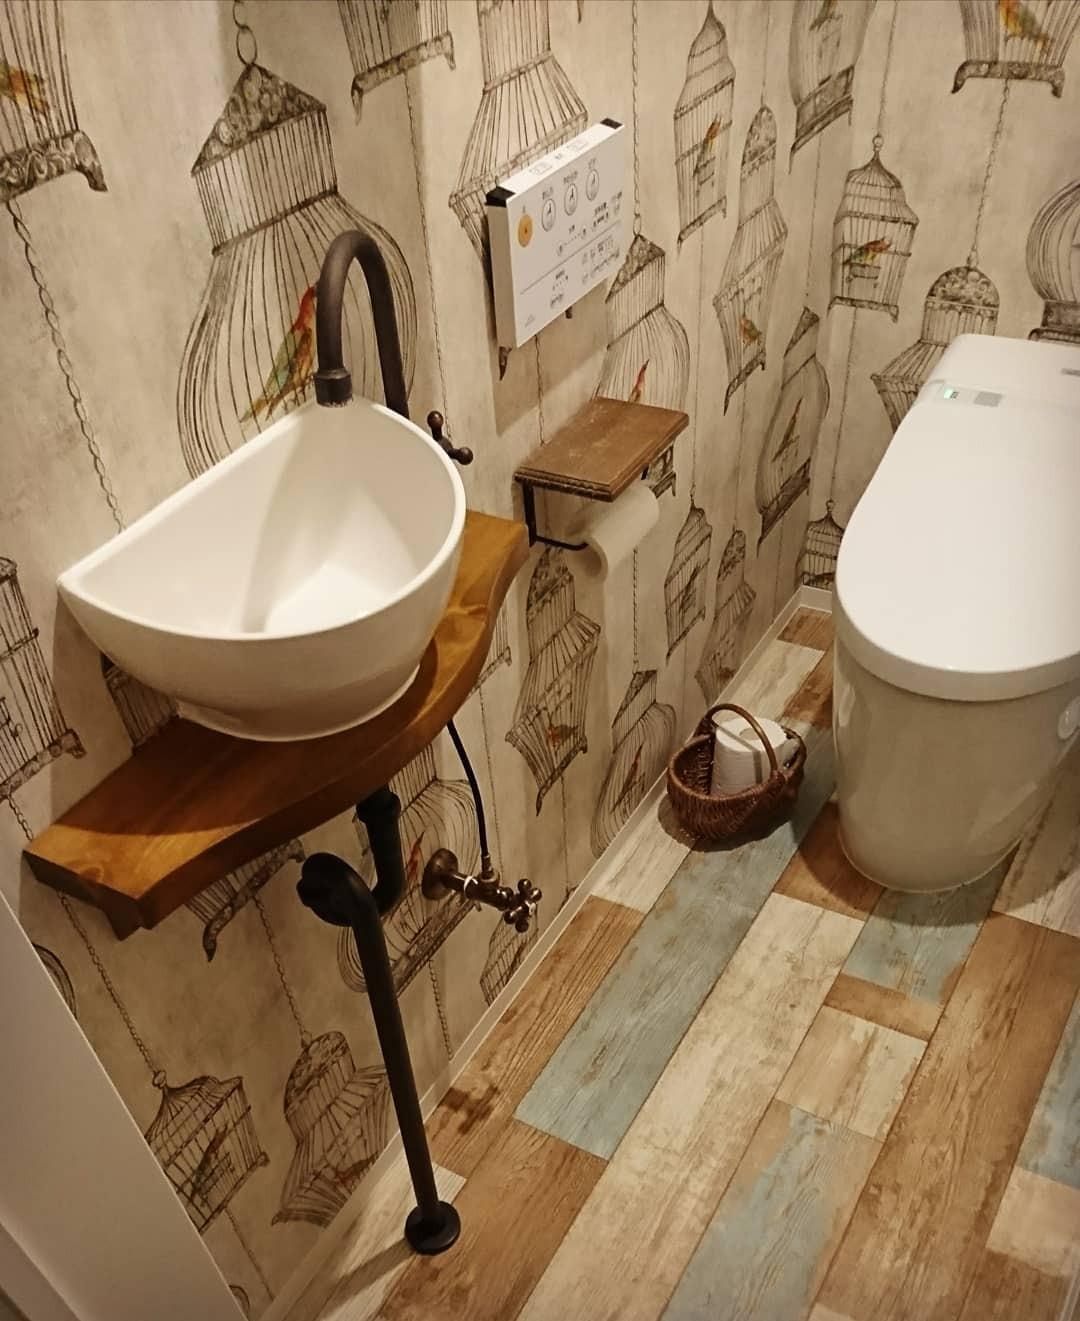 そのトイレ 壁紙でおしゃれ空間に激変させよう 実例やおすすめをご紹介 Mamagirl ママガール